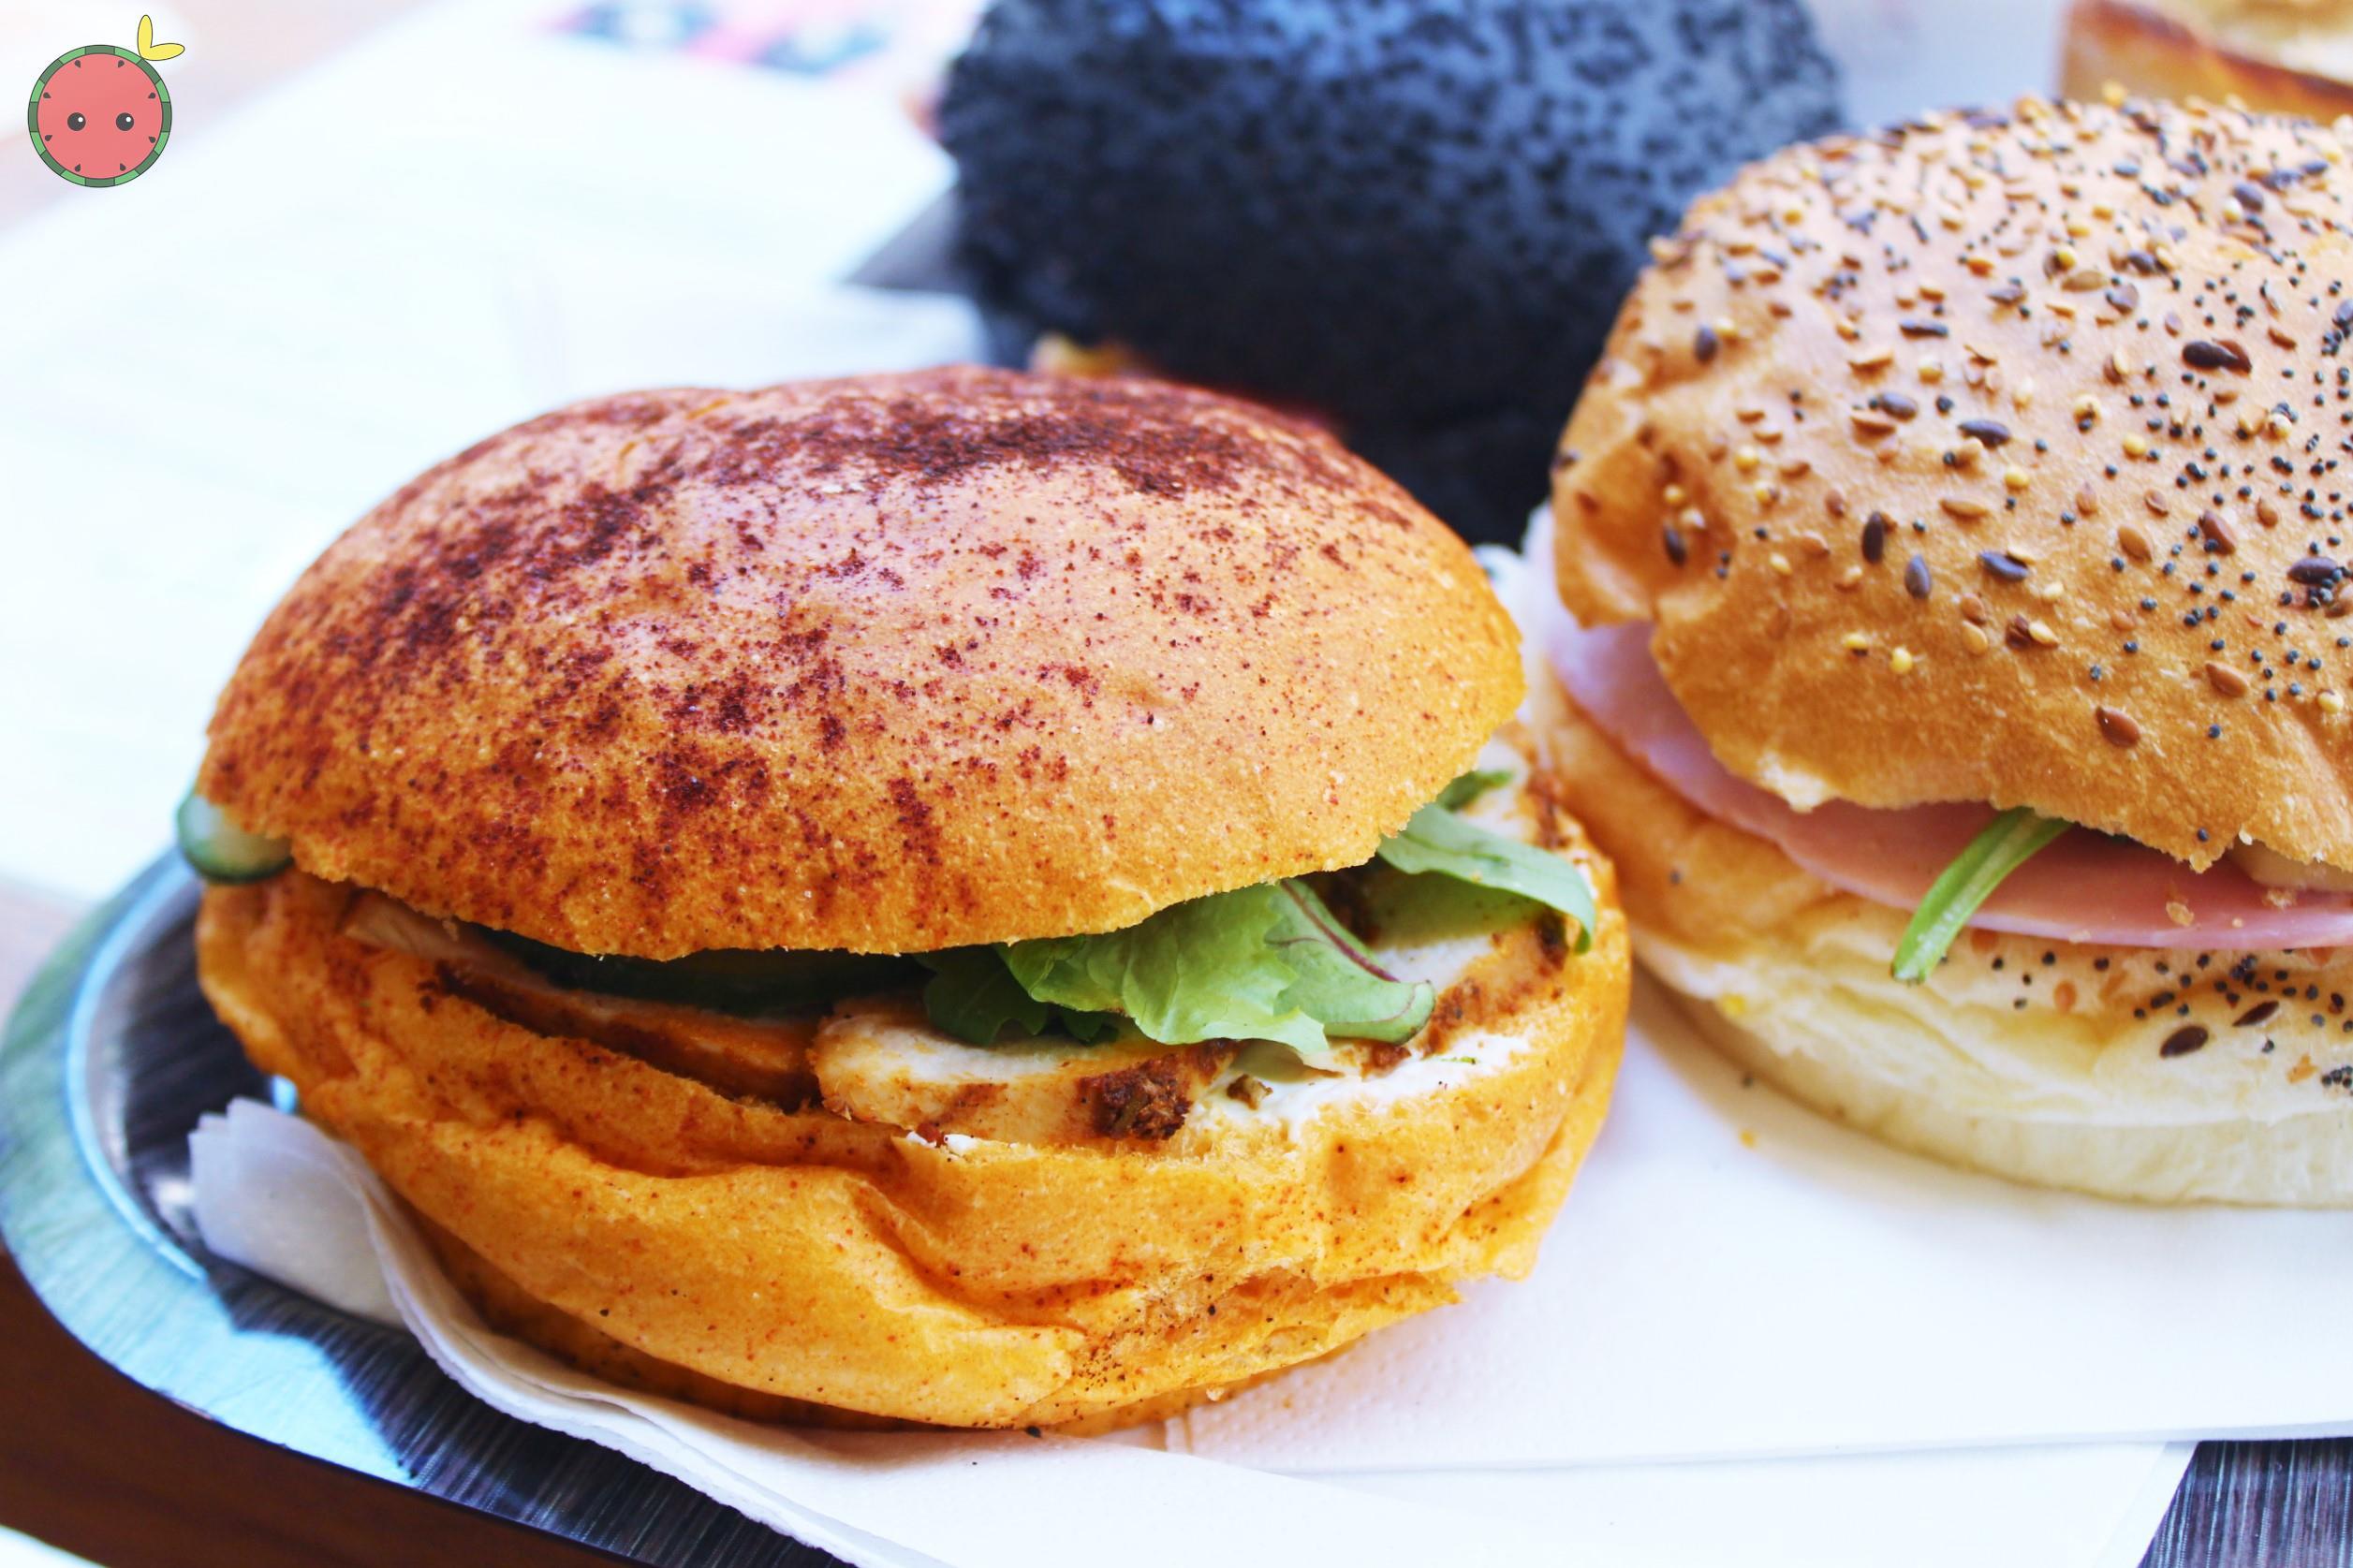 Tandoori Chicken Sandwich with Paprika Bread